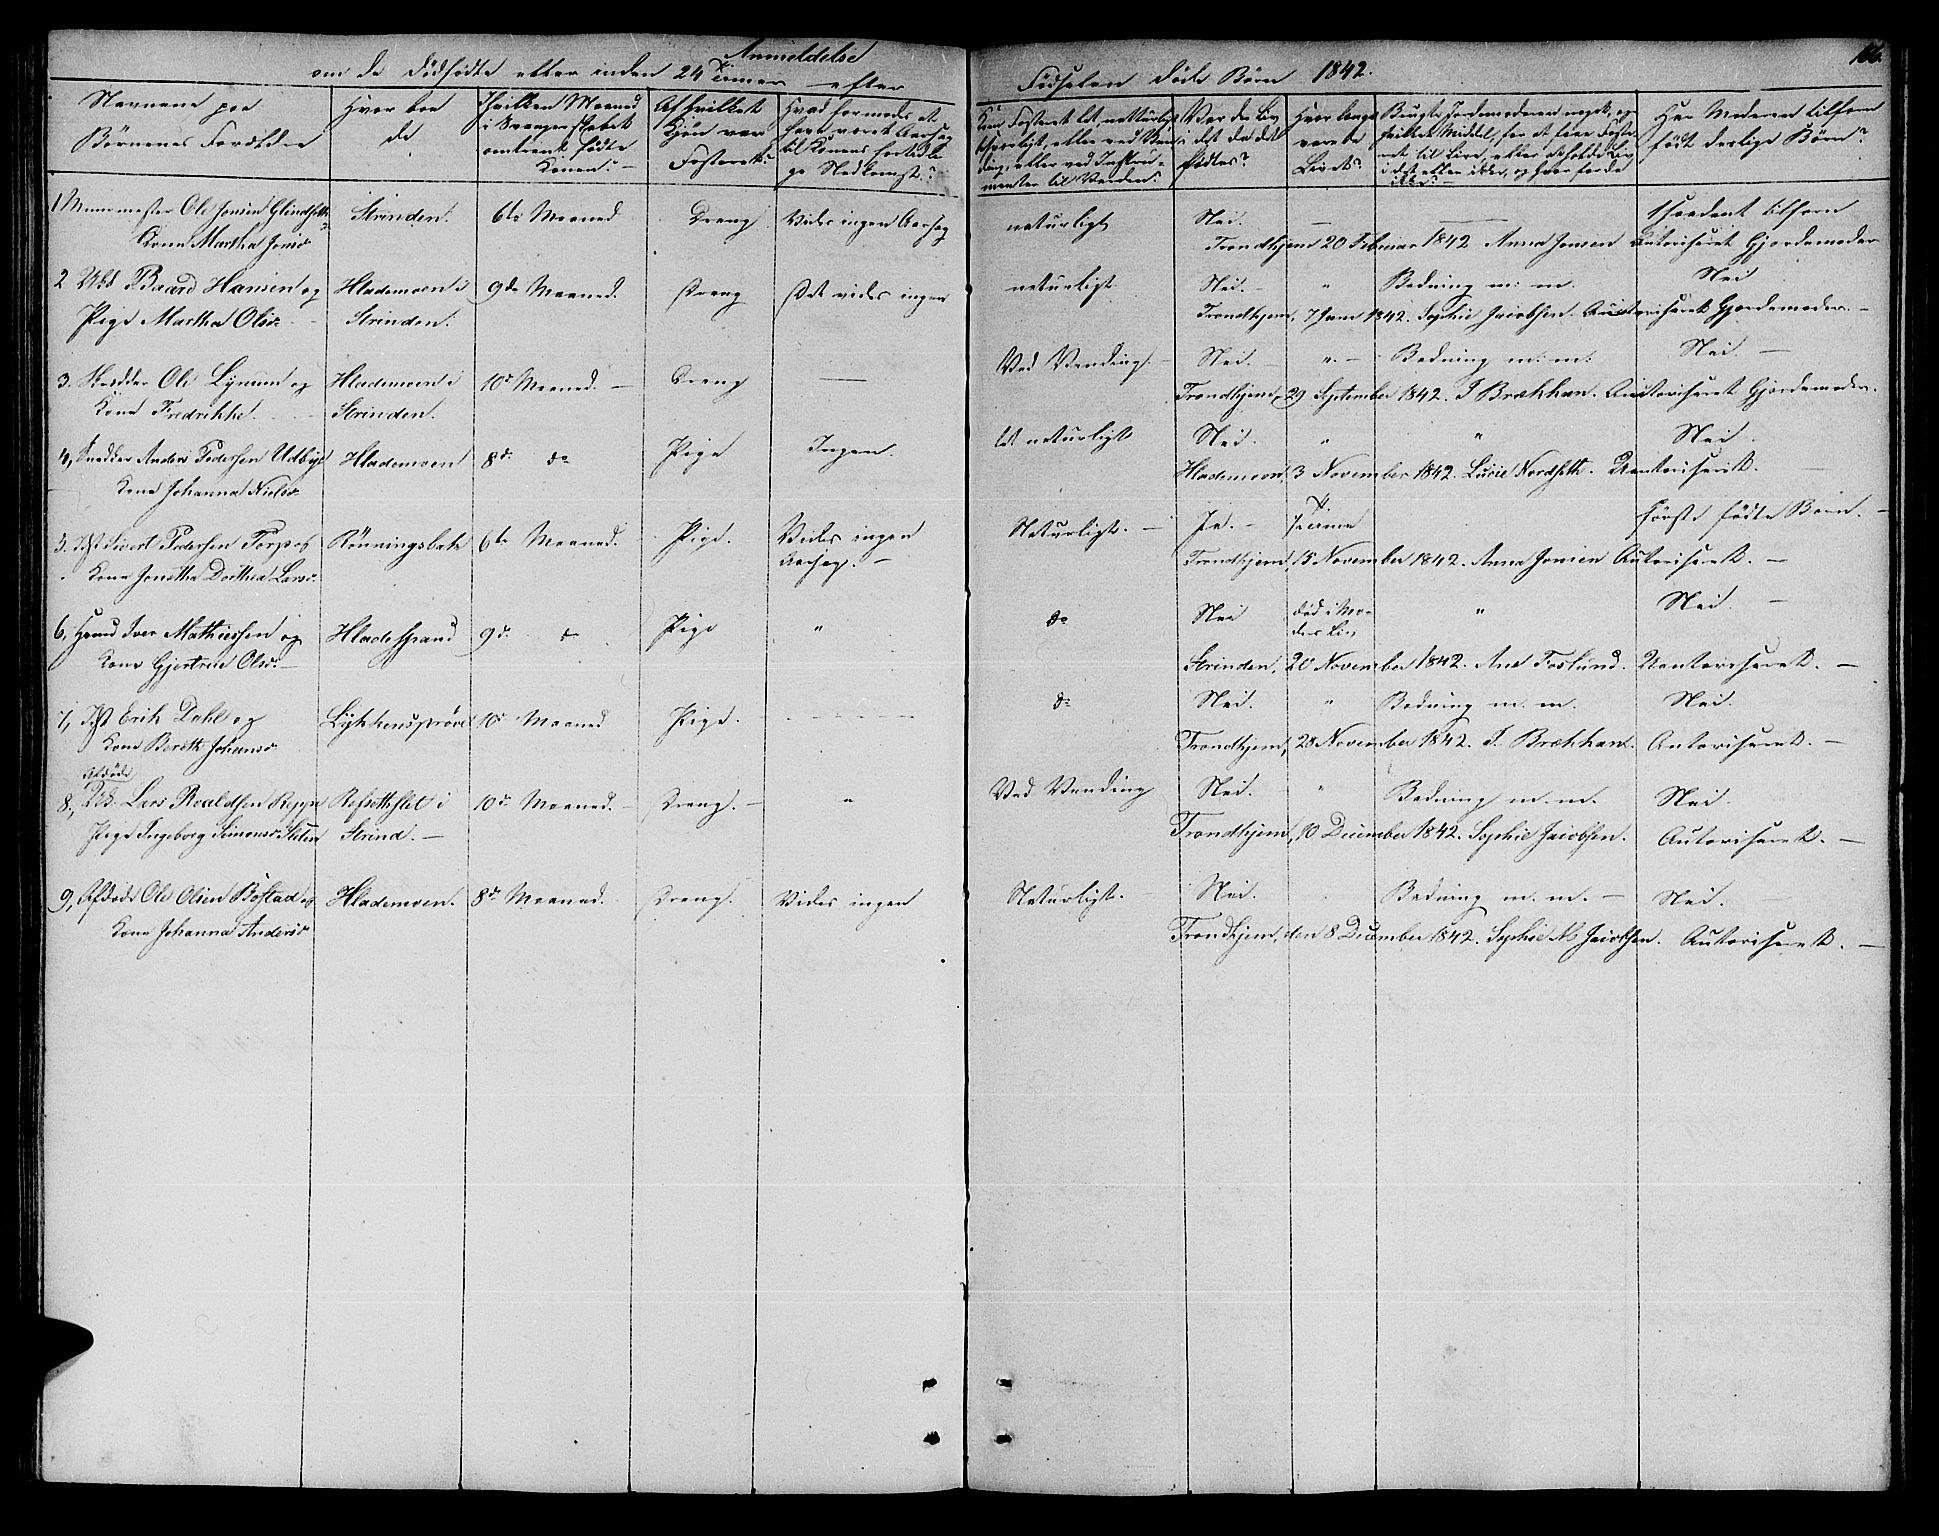 SAT, Ministerialprotokoller, klokkerbøker og fødselsregistre - Sør-Trøndelag, 606/L0309: Klokkerbok nr. 606C05, 1841-1849, s. 166